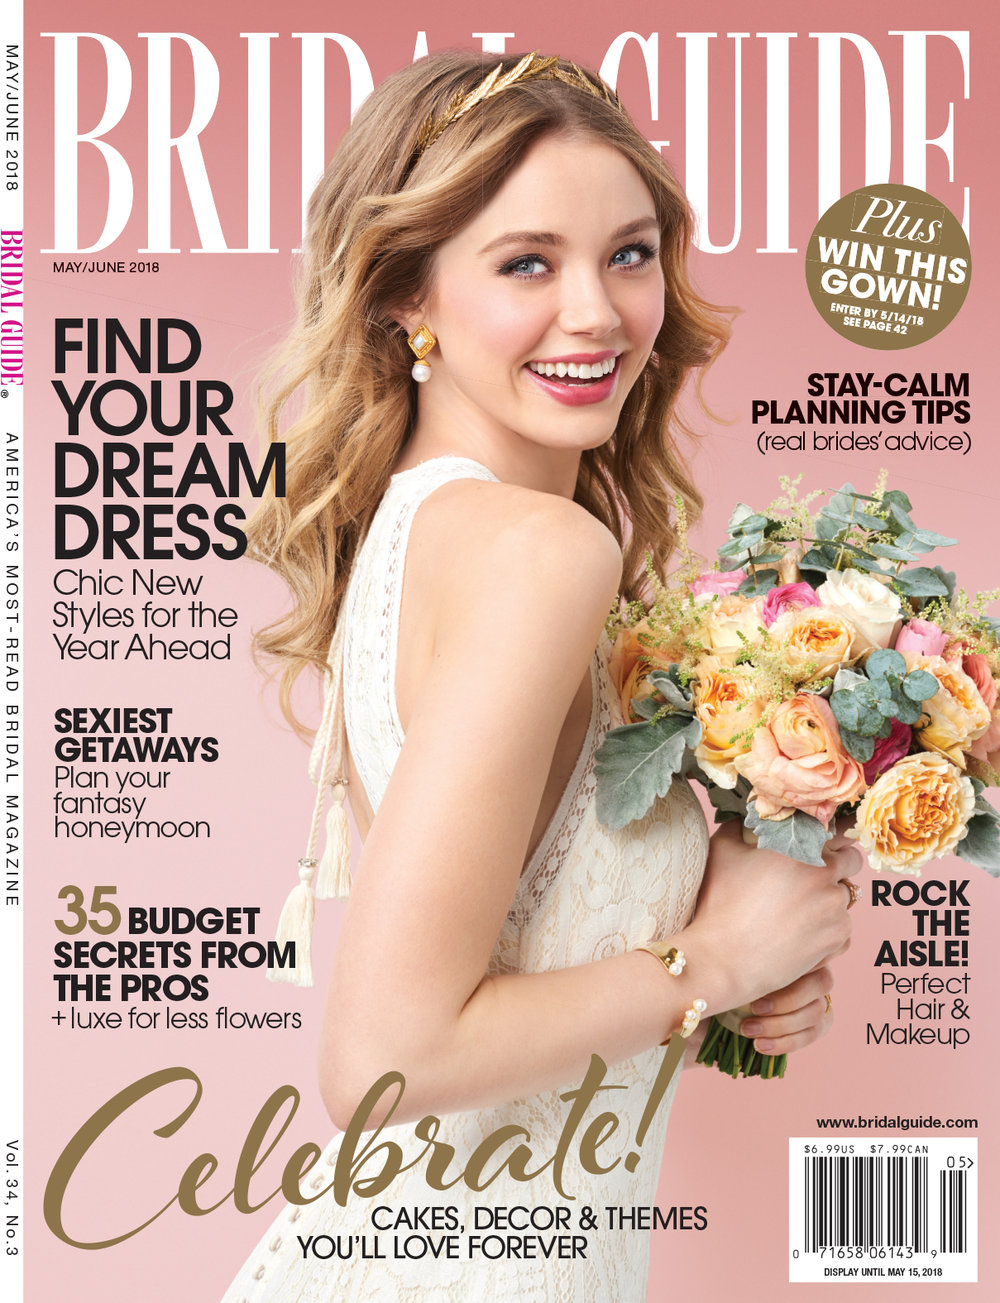 Bridal guide May.June 2018